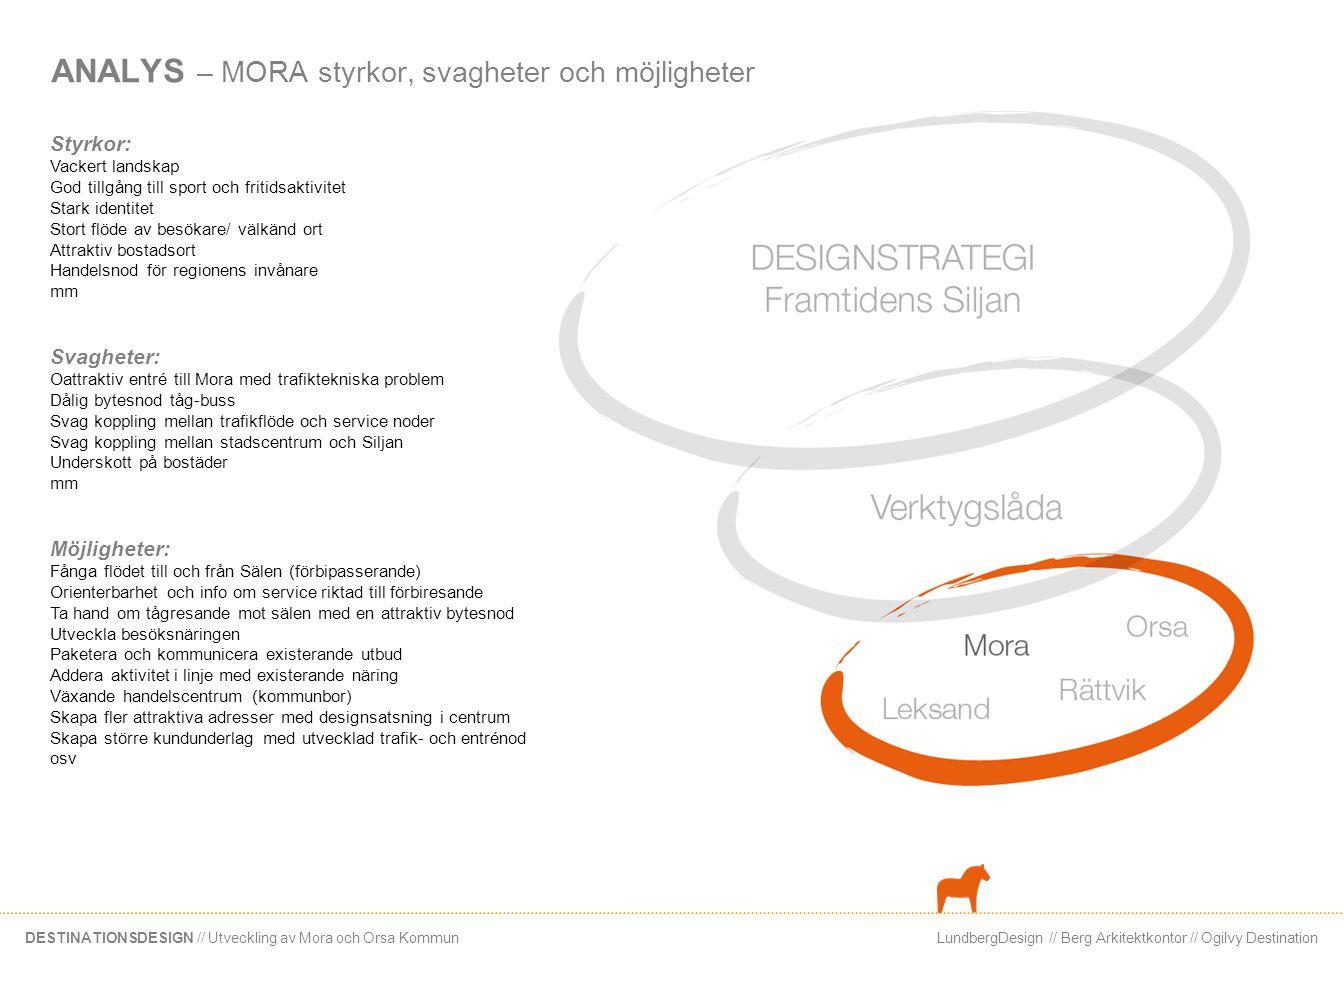 LundbergDesign // Berg Arkitektkontor // Ogilvy DestinationDESTINATIONSDESIGN // Utveckling av Mora och Orsa Kommun DESIGNELEMENT Saxviken i Mora Saxviken Bryggpromenad - En del av Siljans bryggor Saxvikens kajlinje används för att knyta samman staden och naturen med kommunikationer.